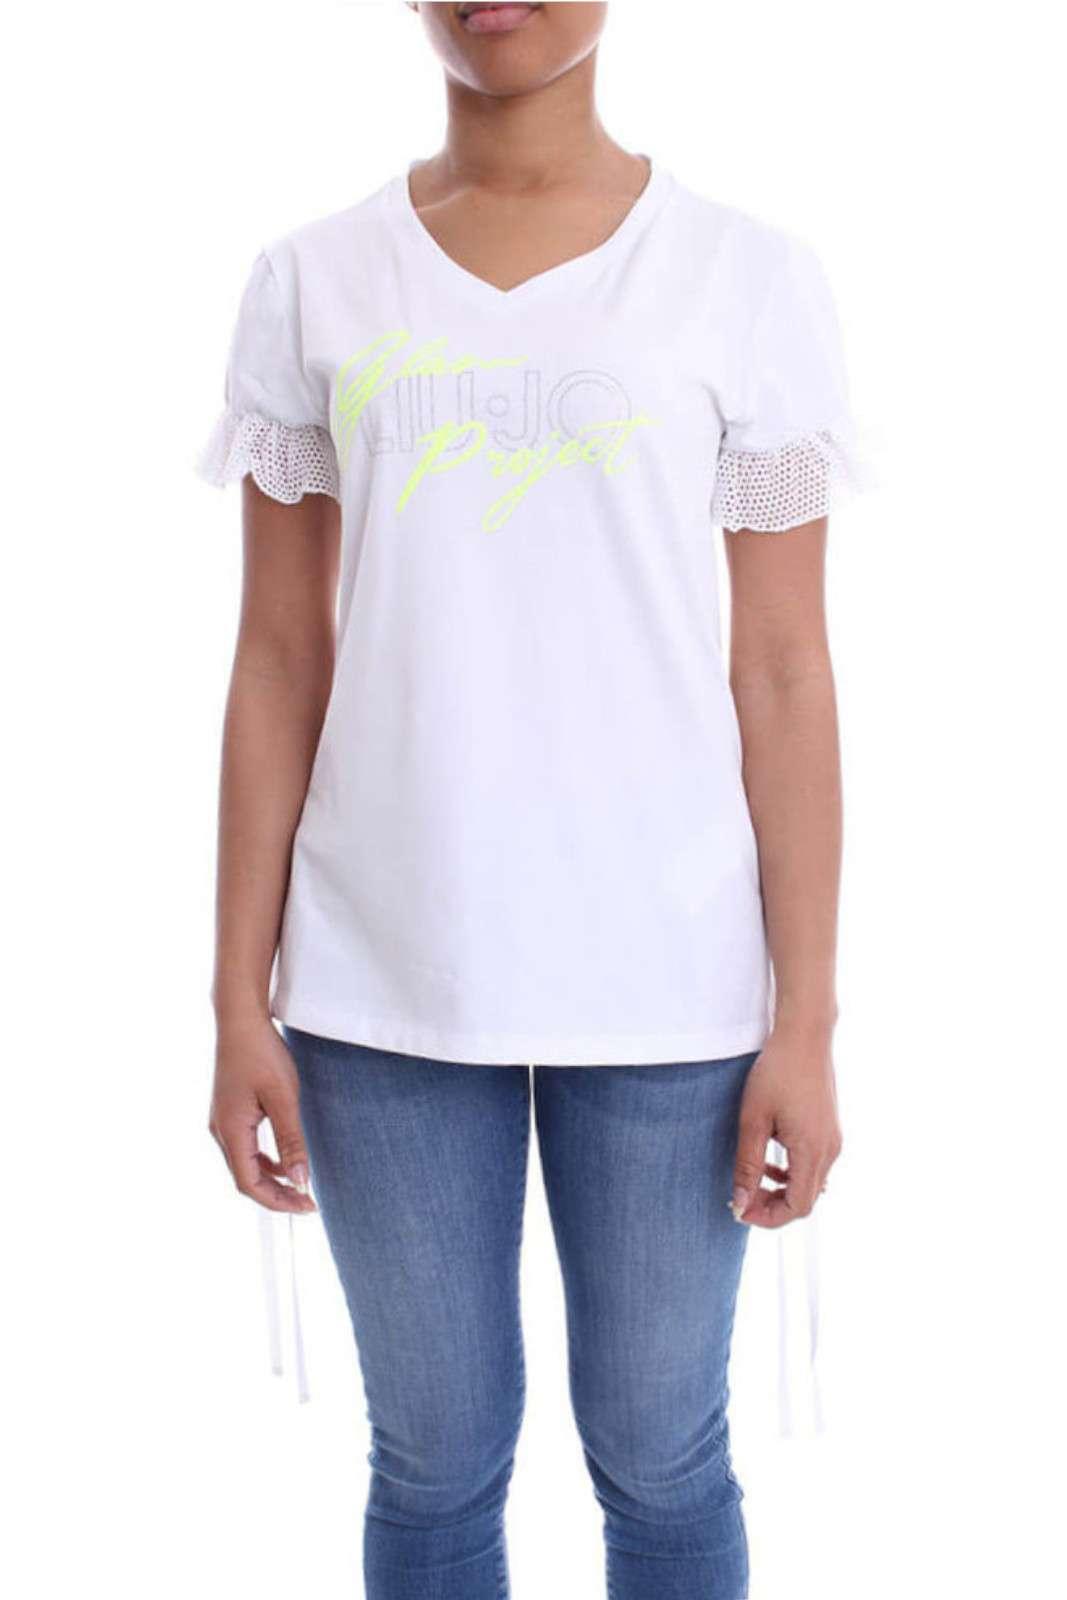 Una T shirt dal forte carattere quotidiano quella proposta dalla nuova collezione donna Liu Jo Sport. La stampa sul davanti con glitter fluo e strass è un must have di stagione. Da indossare con un jeans o un pantalone da jogging, è un essential della vita quotidiana.